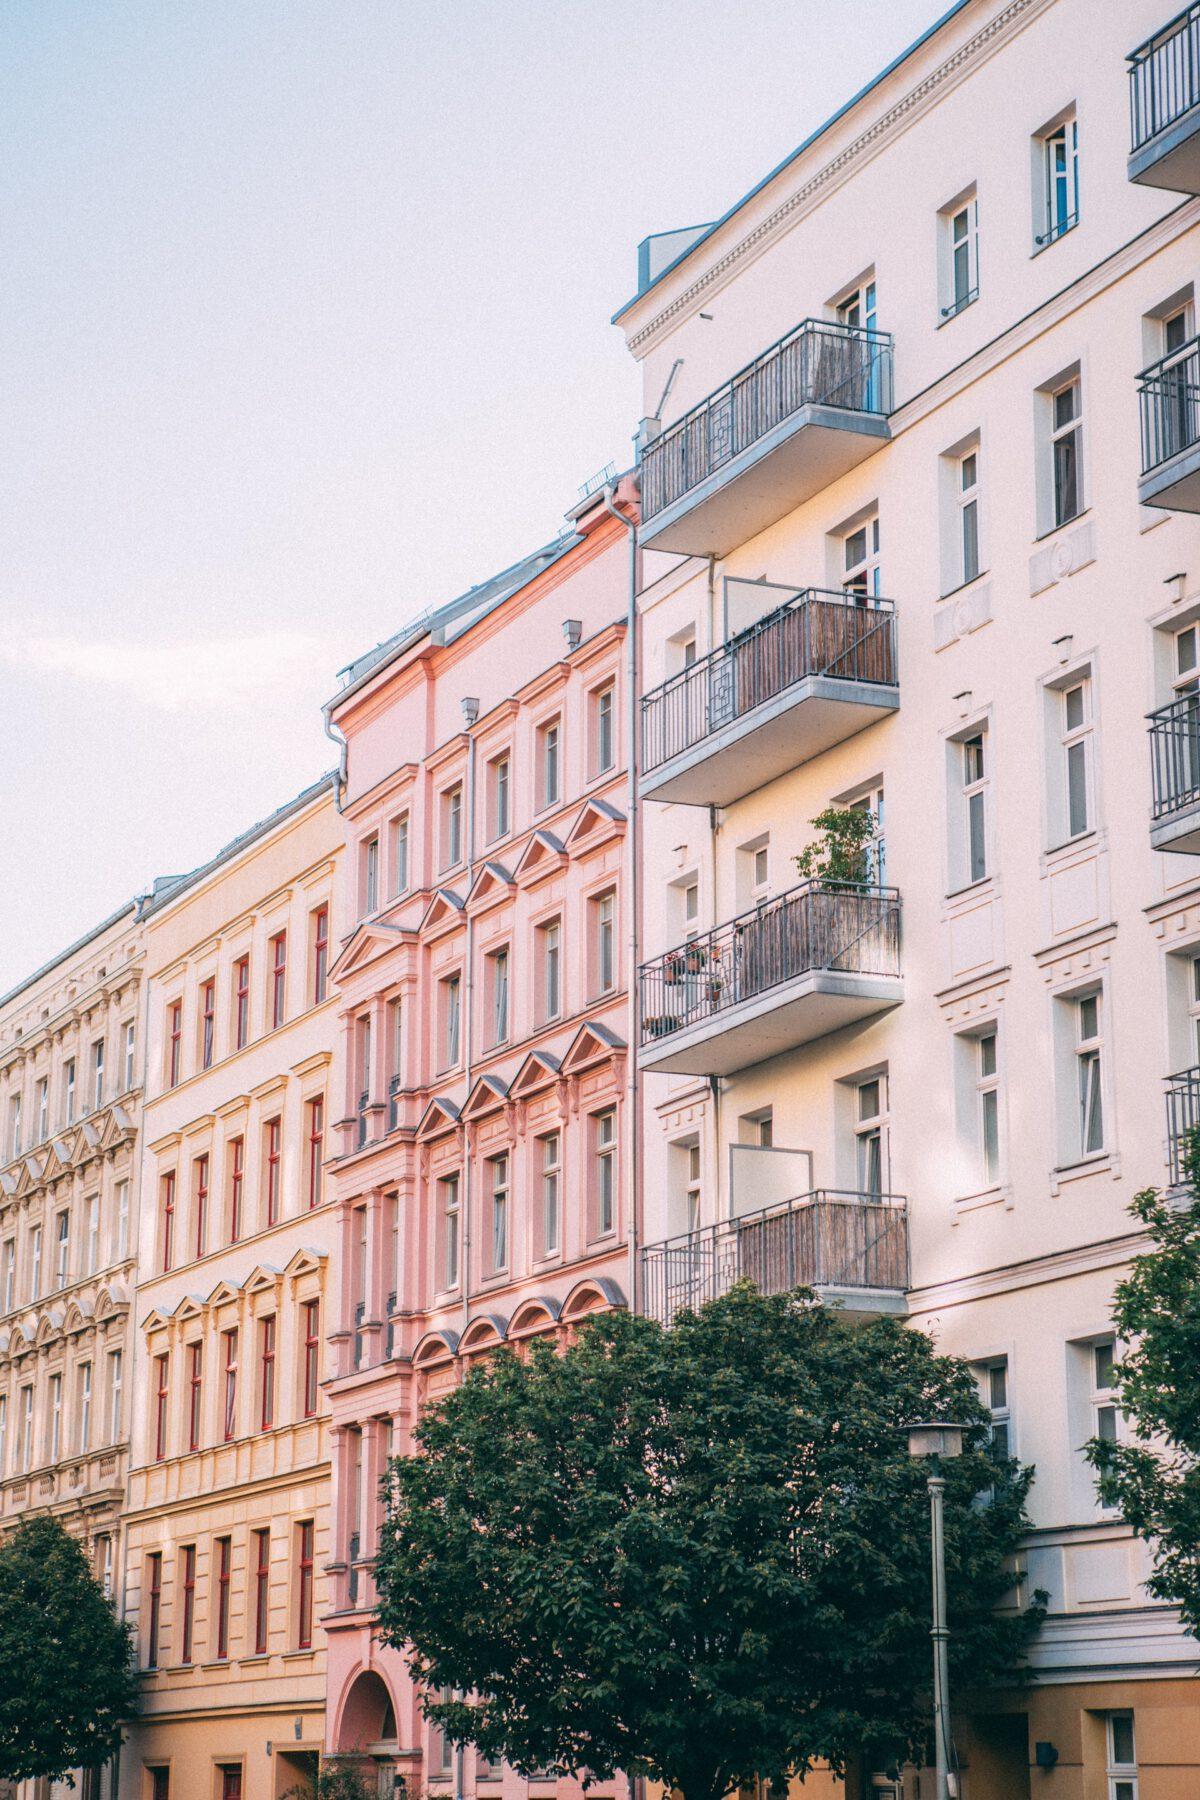 Eksmisja byłego lokatora mieszkania komunalnego – Sąd Najwyższy oddalił skargę